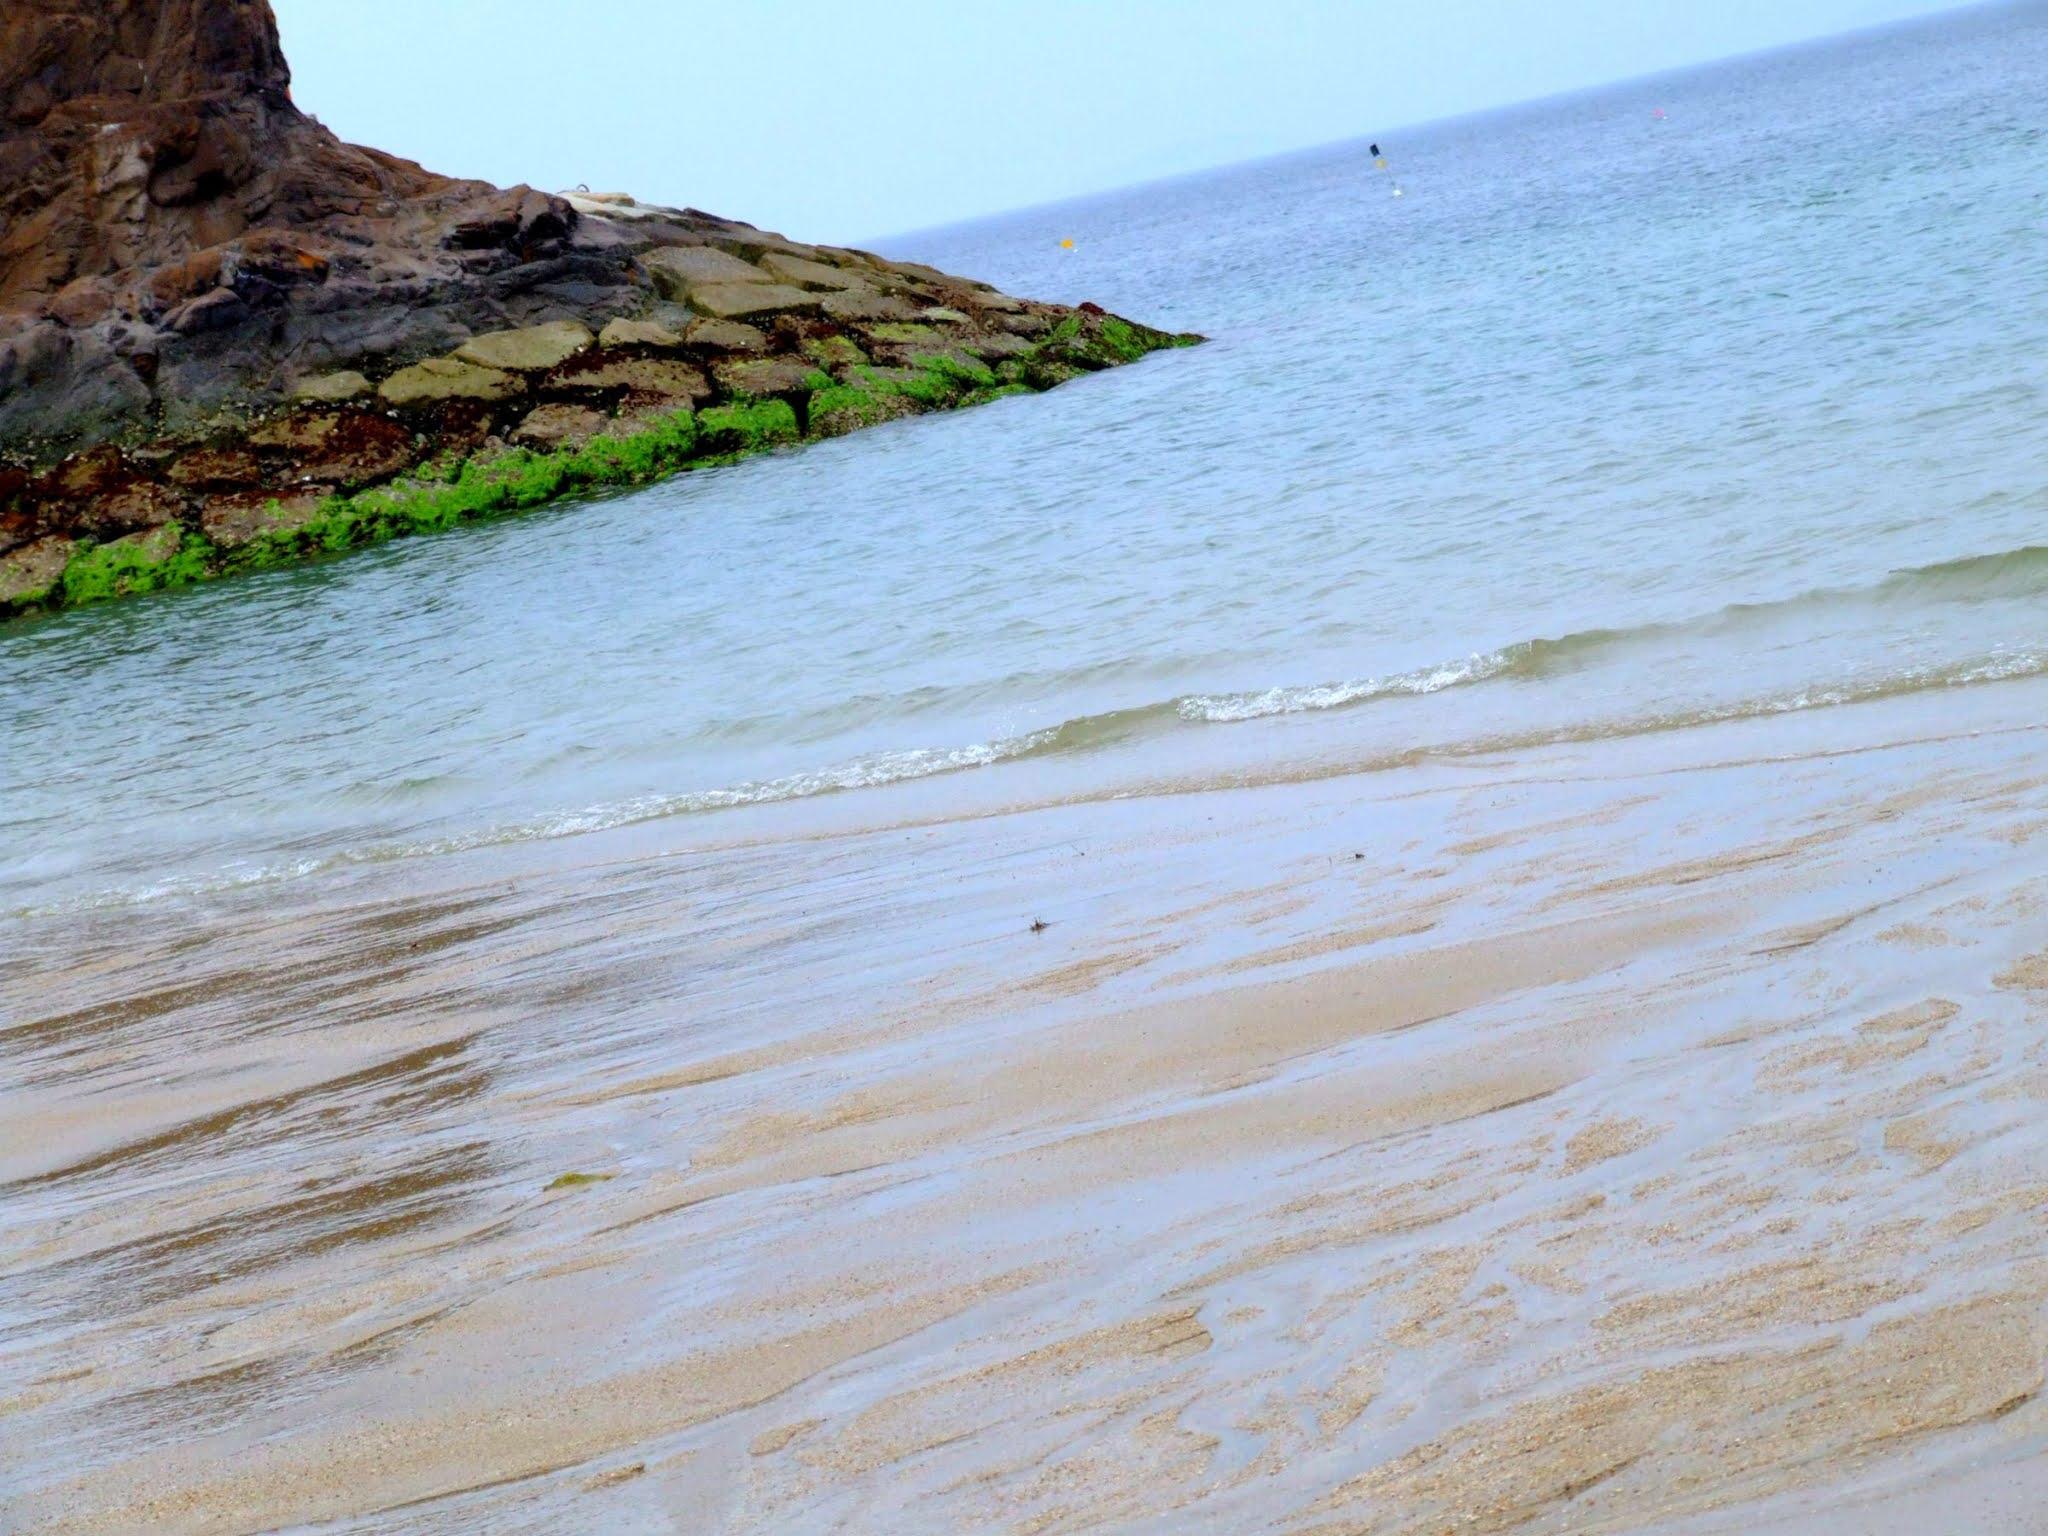 砂浜と海の写真素材です。夏に向けてのブログカードやアイキャッチなどにいかがでしょうか。